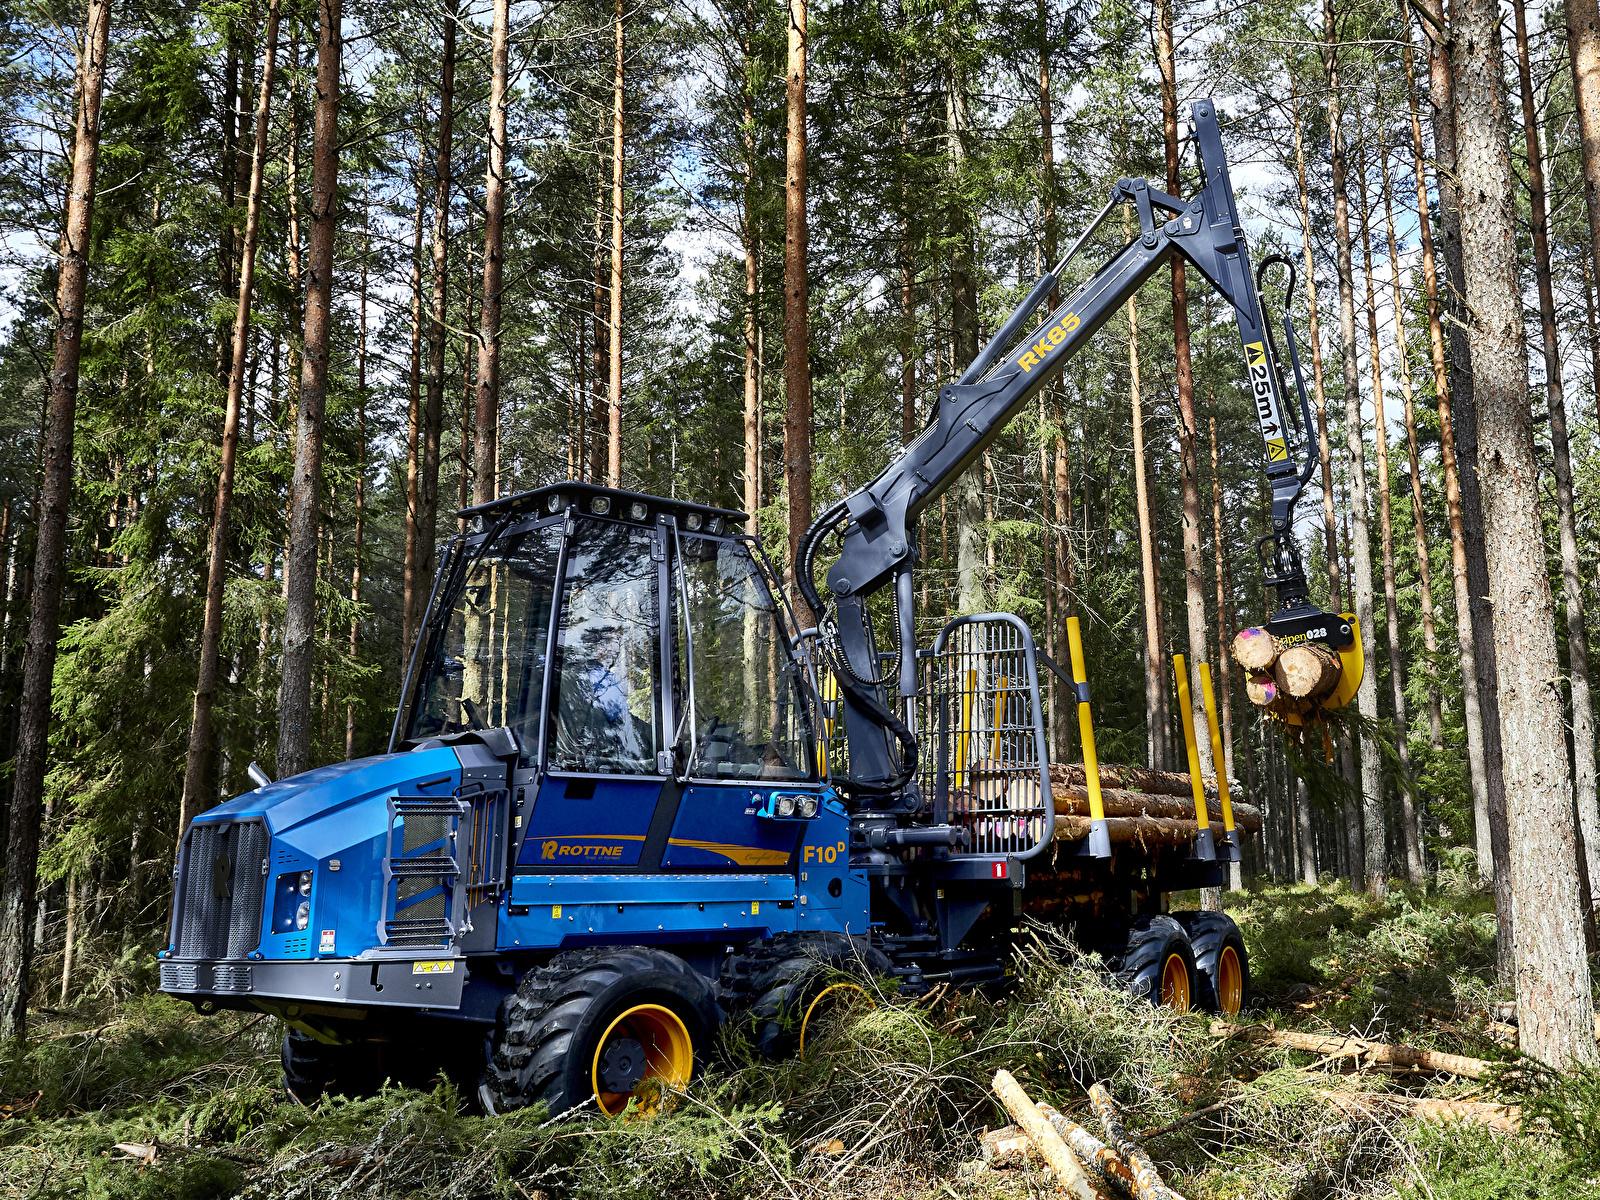 Картинки Форвардер 2016-18 Rottne F10D Бревна Леса 1600x1200 бревно лес